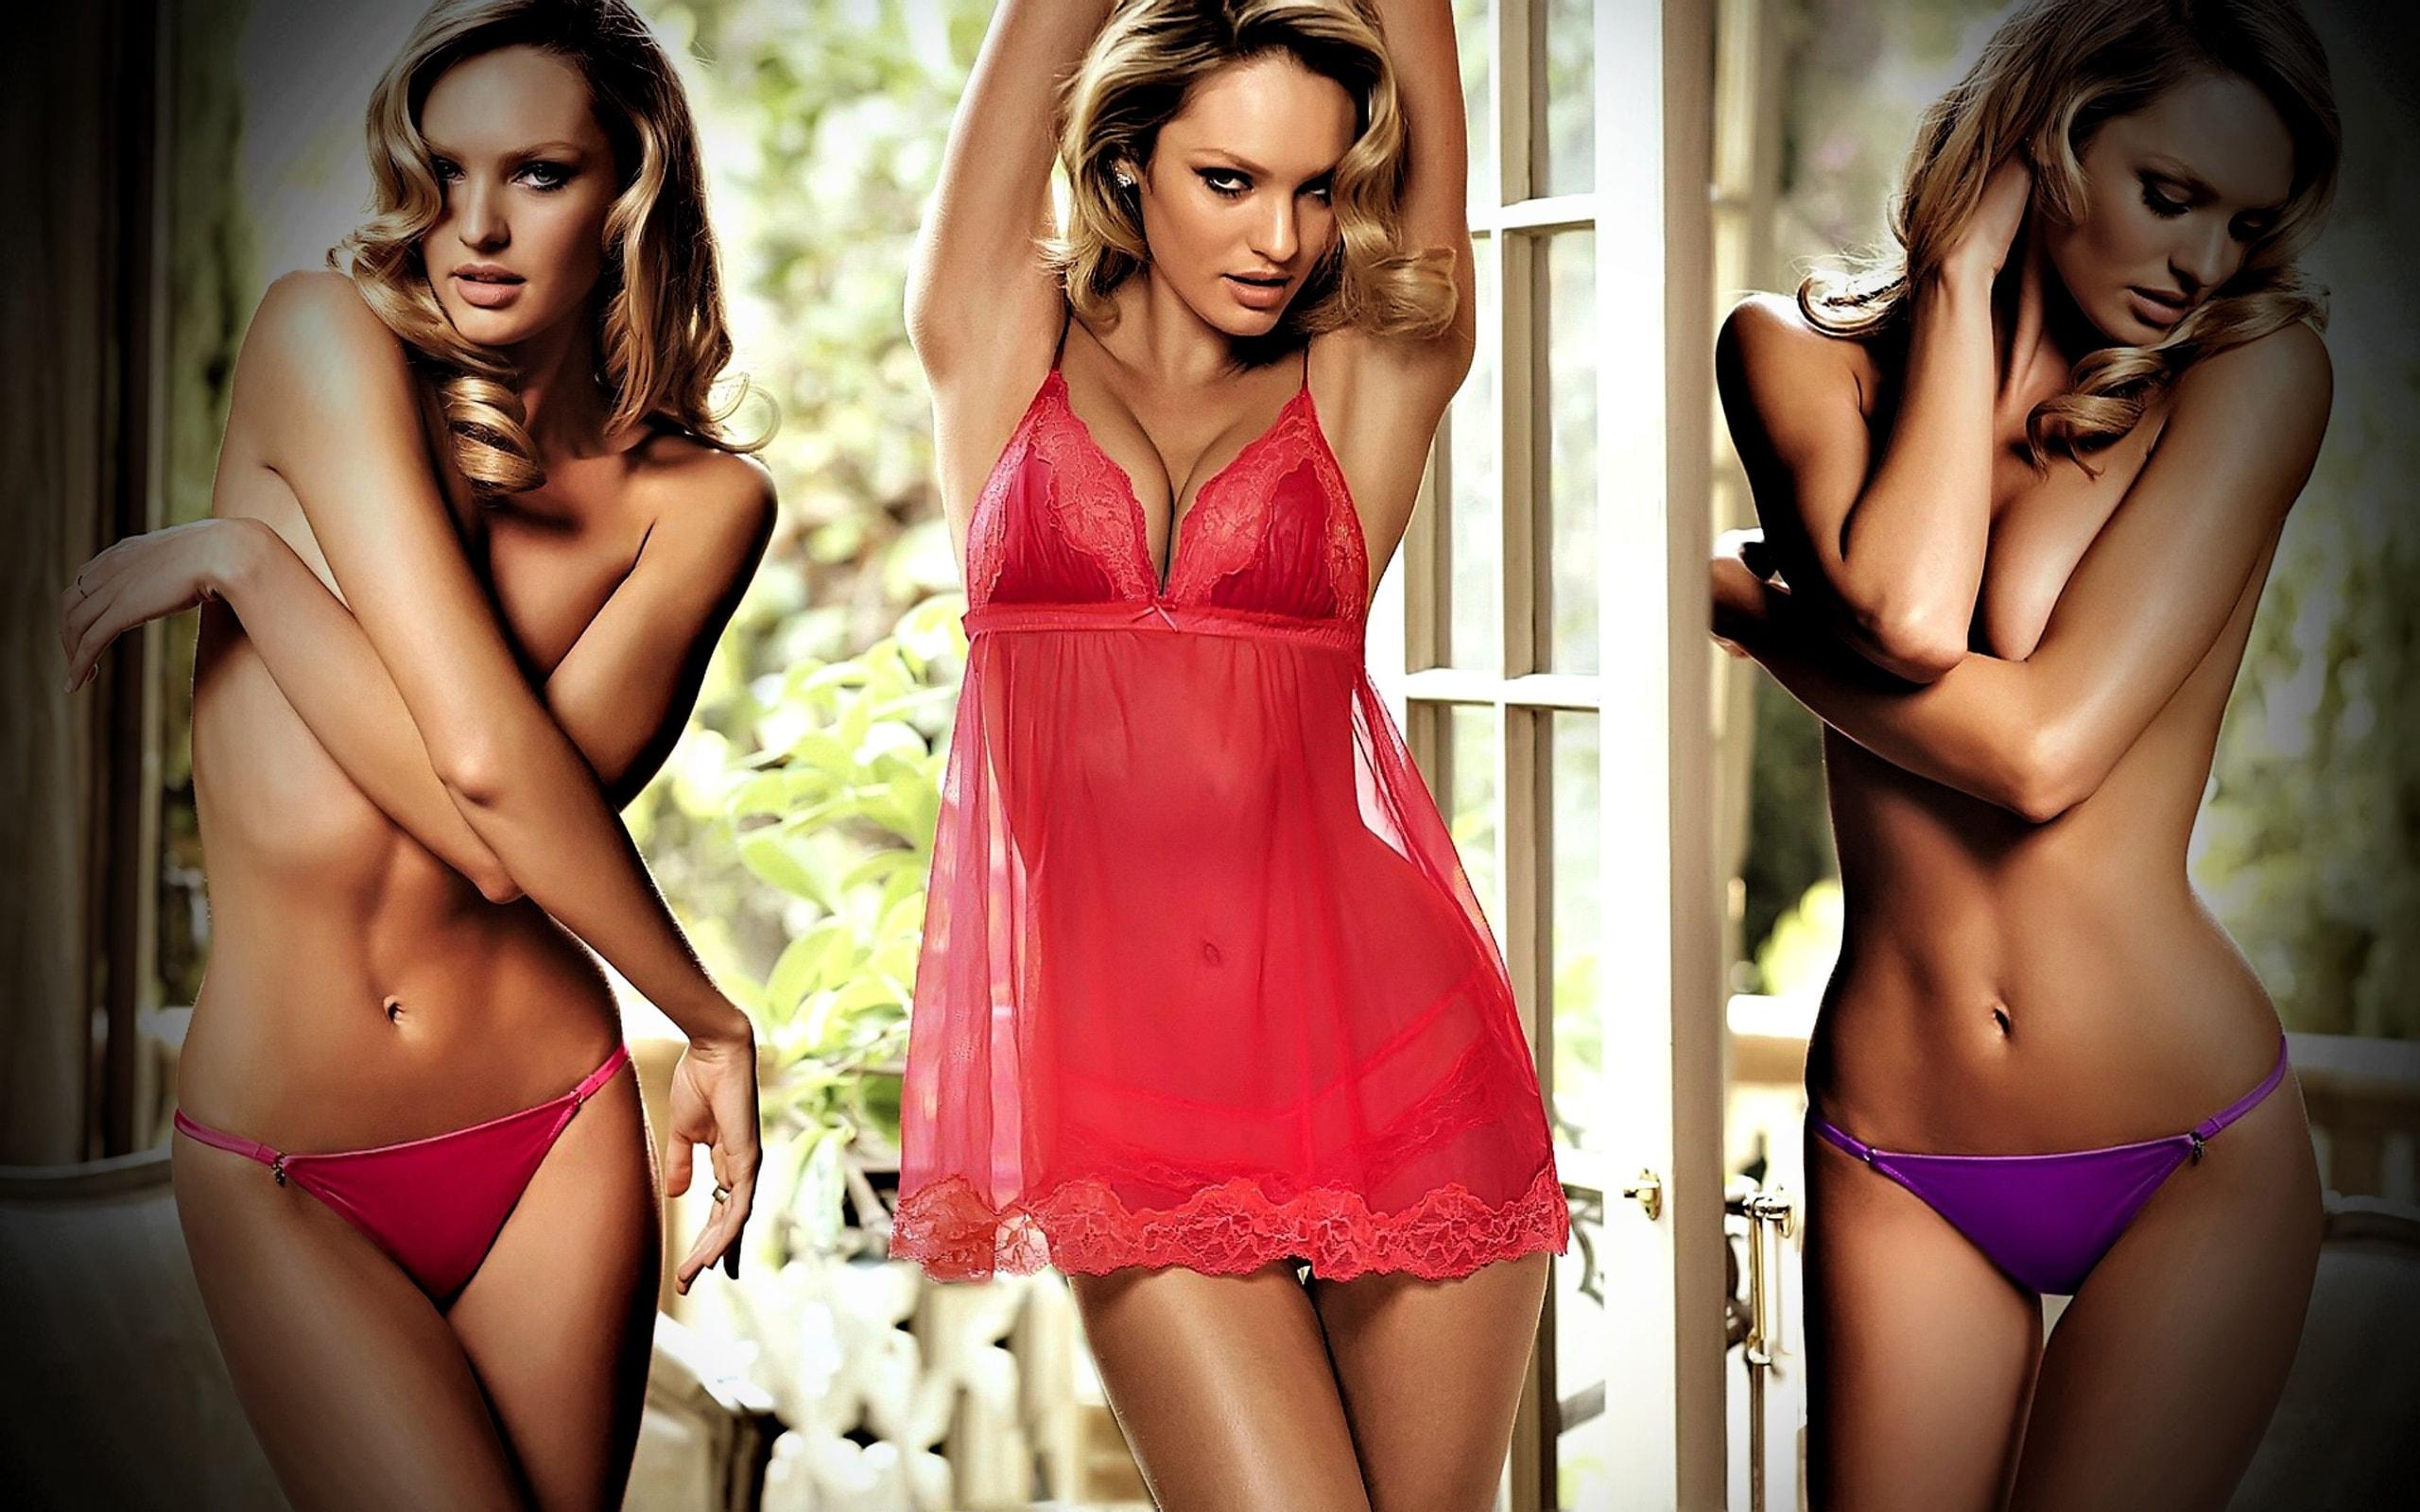 Fotos de lindas meninas em cueca. 130 belezas